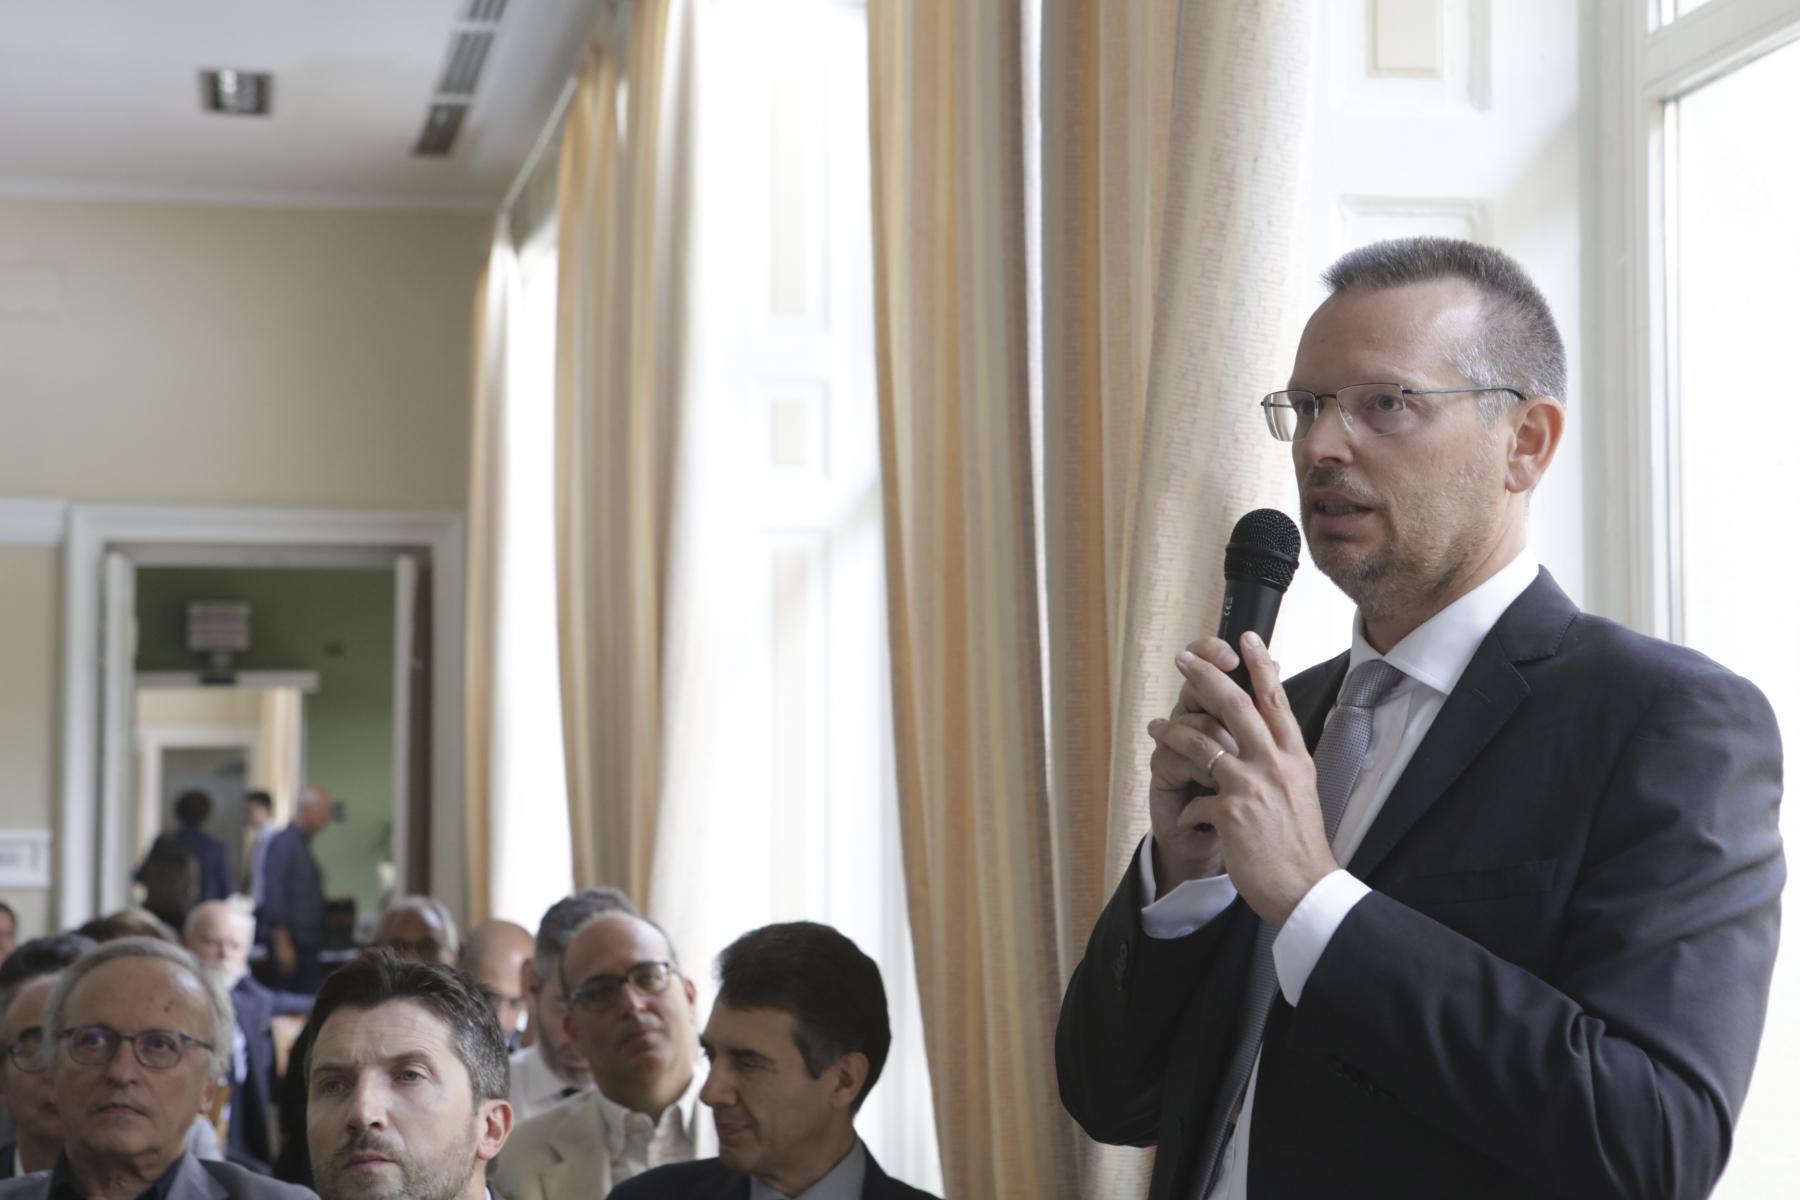 Giuseppe Viscardi: Presidente Commissioni Accesso alle Grandi Infrastrutture - Mercato Midstream - Regolamenti Europei nei Mercati Energetici all'ingrosso